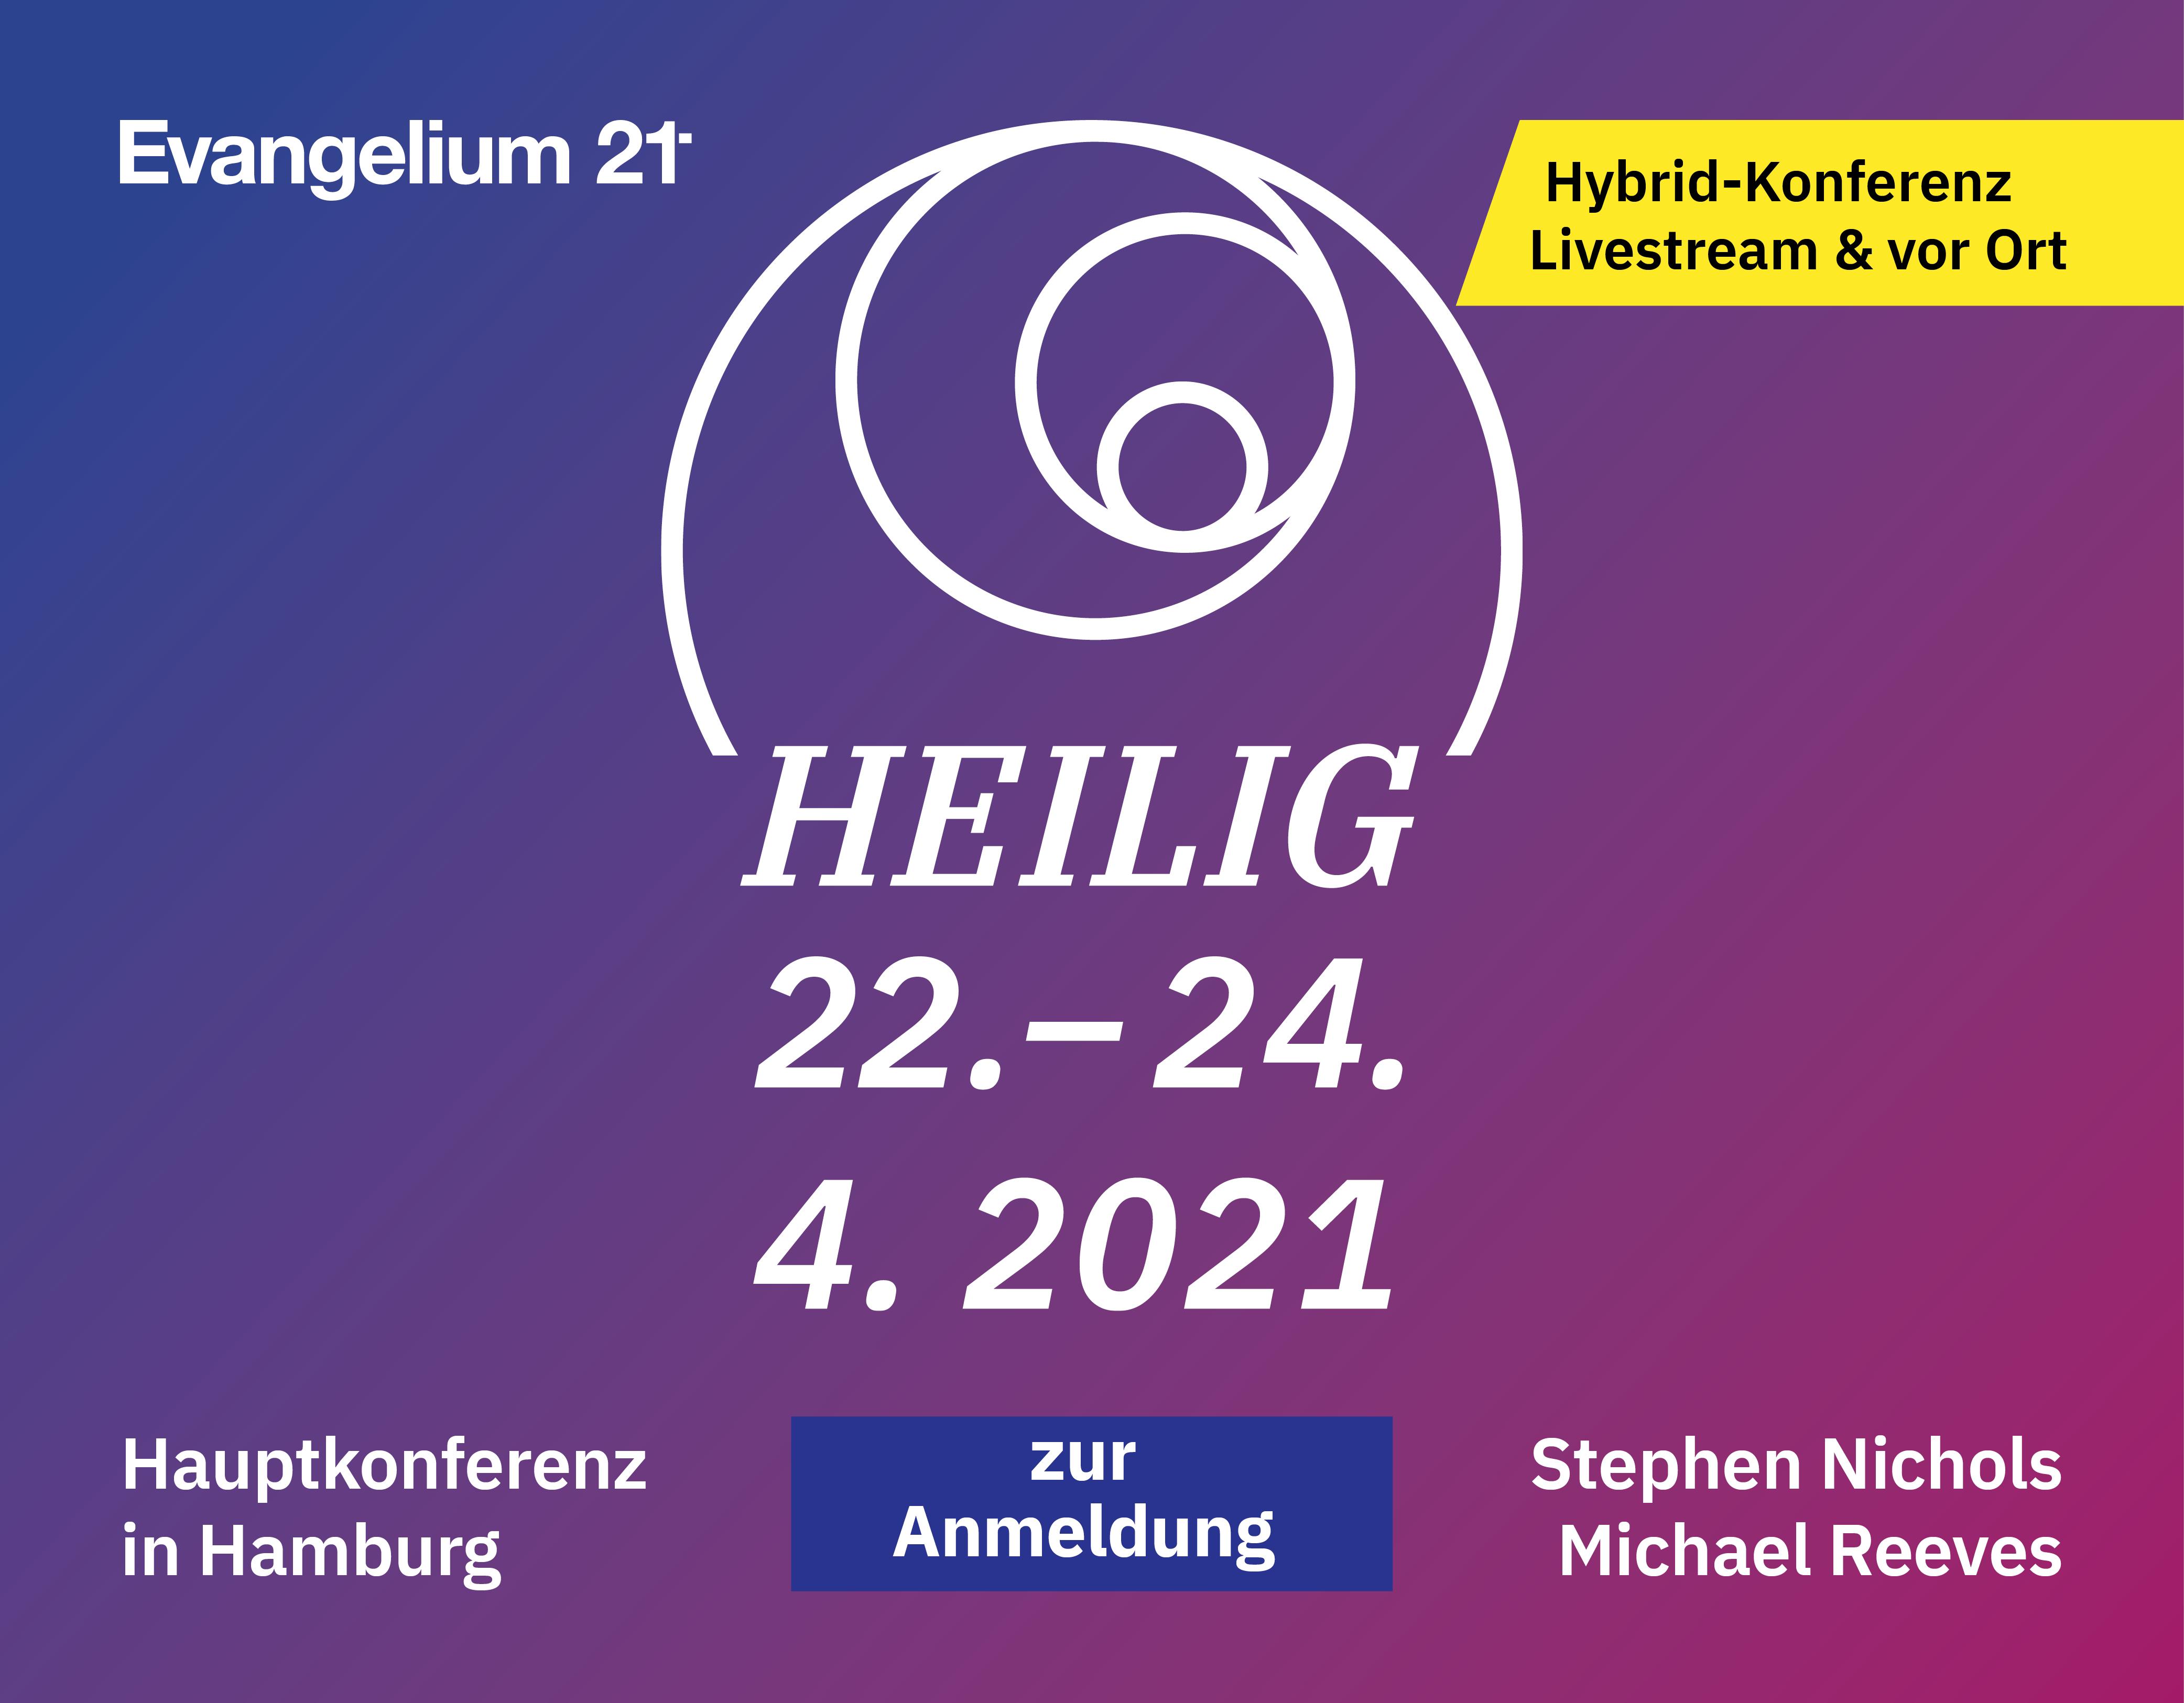 Evangelium21 Hauptkonferenz 2021